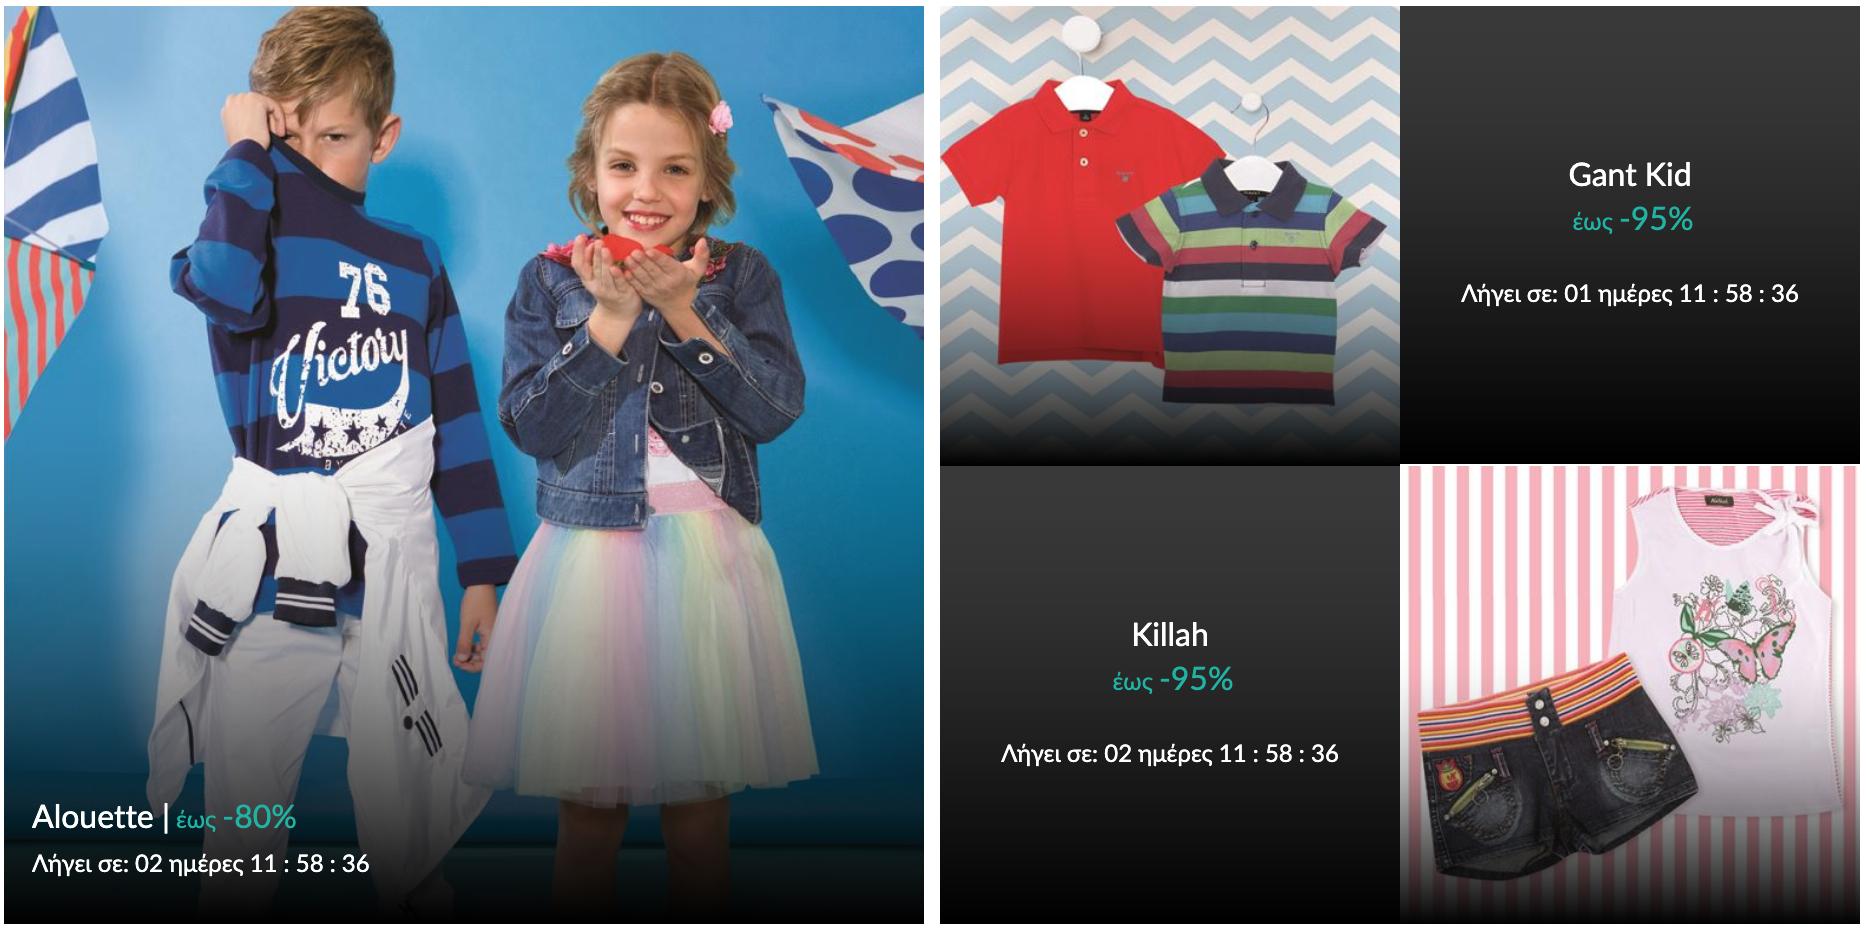 Εκτπώσεις σε παιδικά είδη κα ρούχα, alouette, killah, gant kids στο brandgalaxy.gr | YouBehero